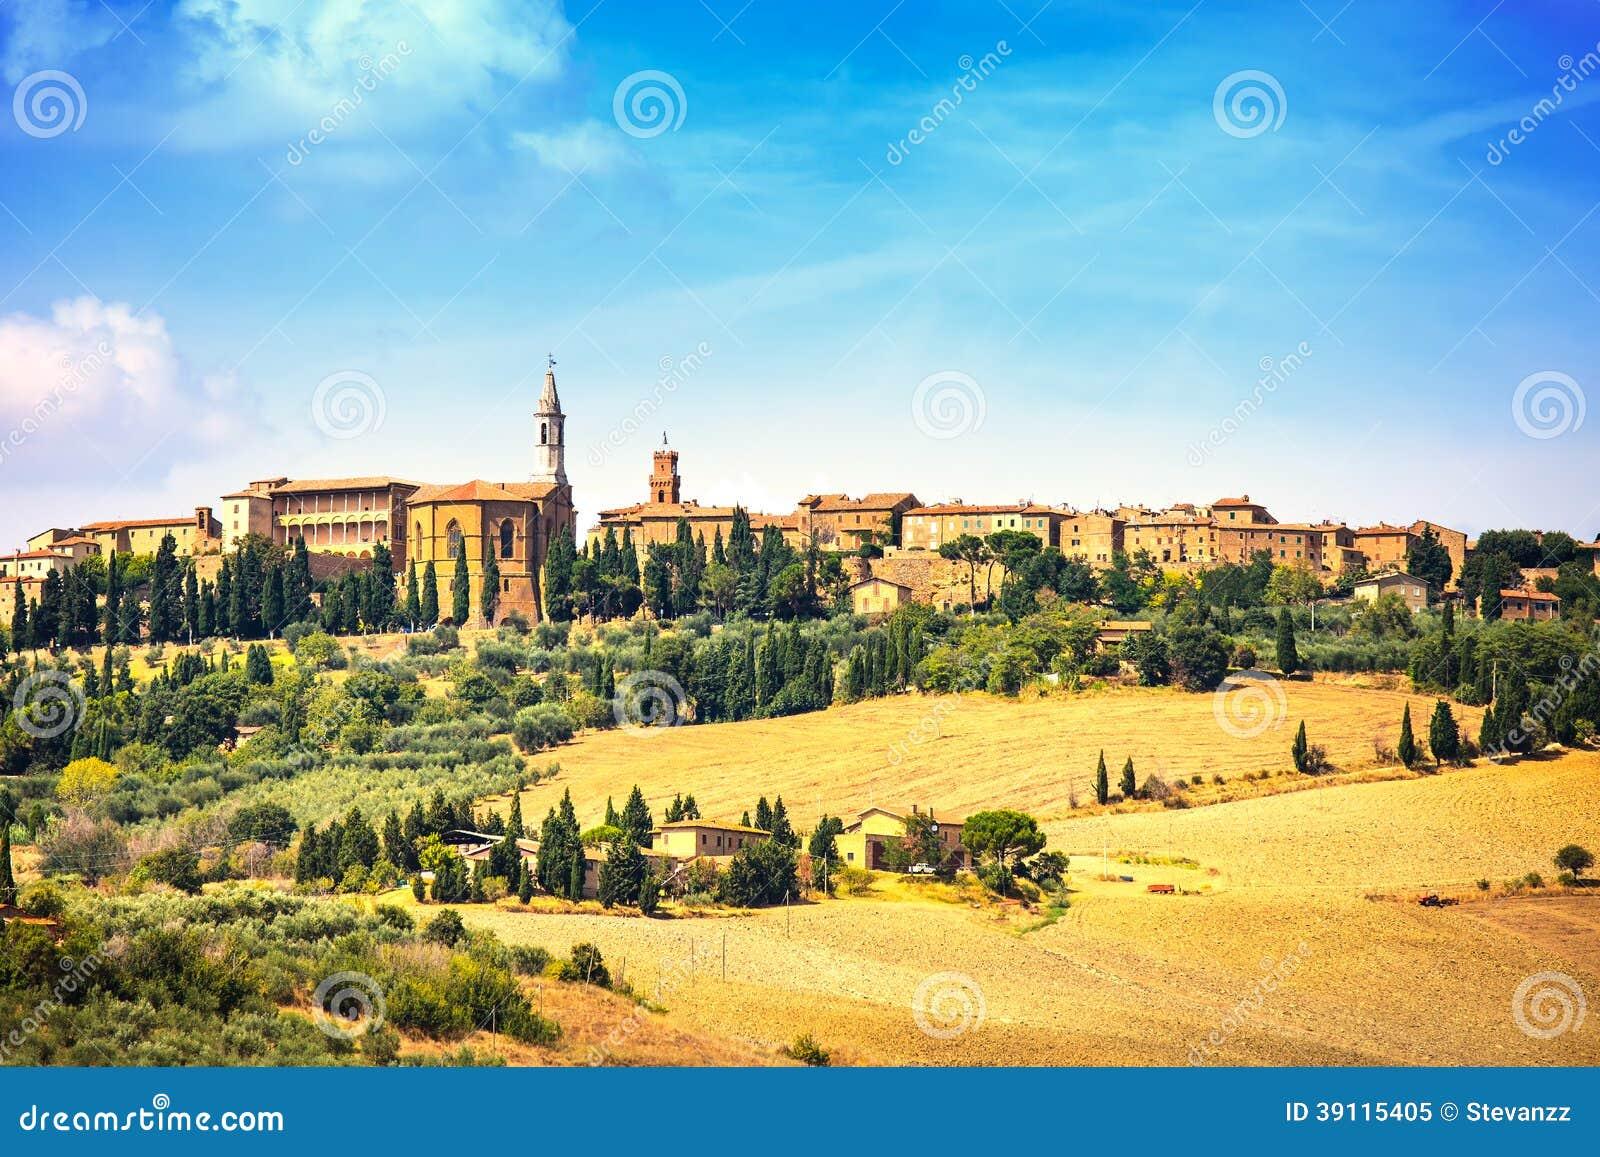 Toscanië, het middeleeuwse dorp van Pienza. Siena, Italië